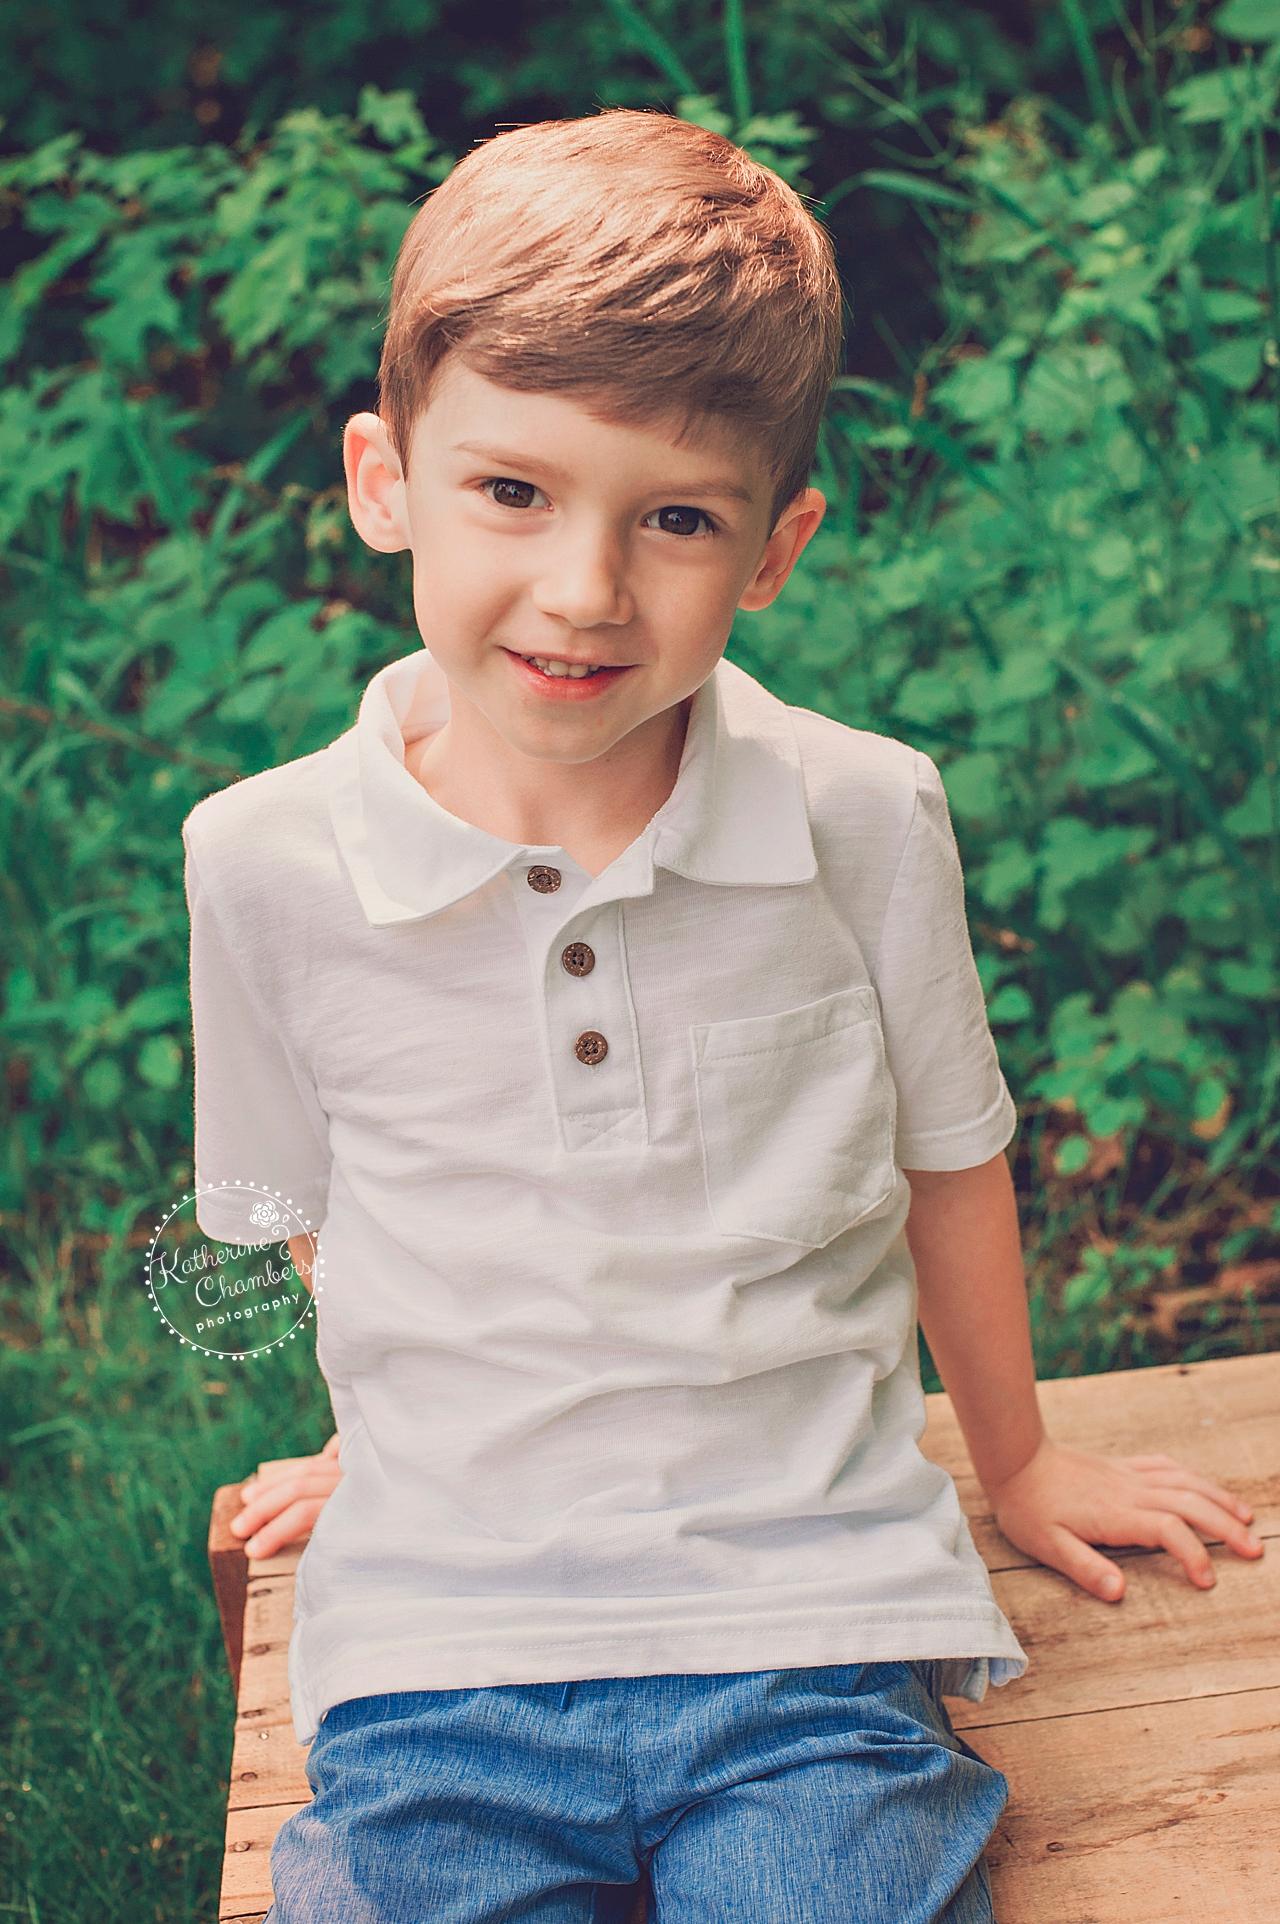 Child Photographer Cleveland